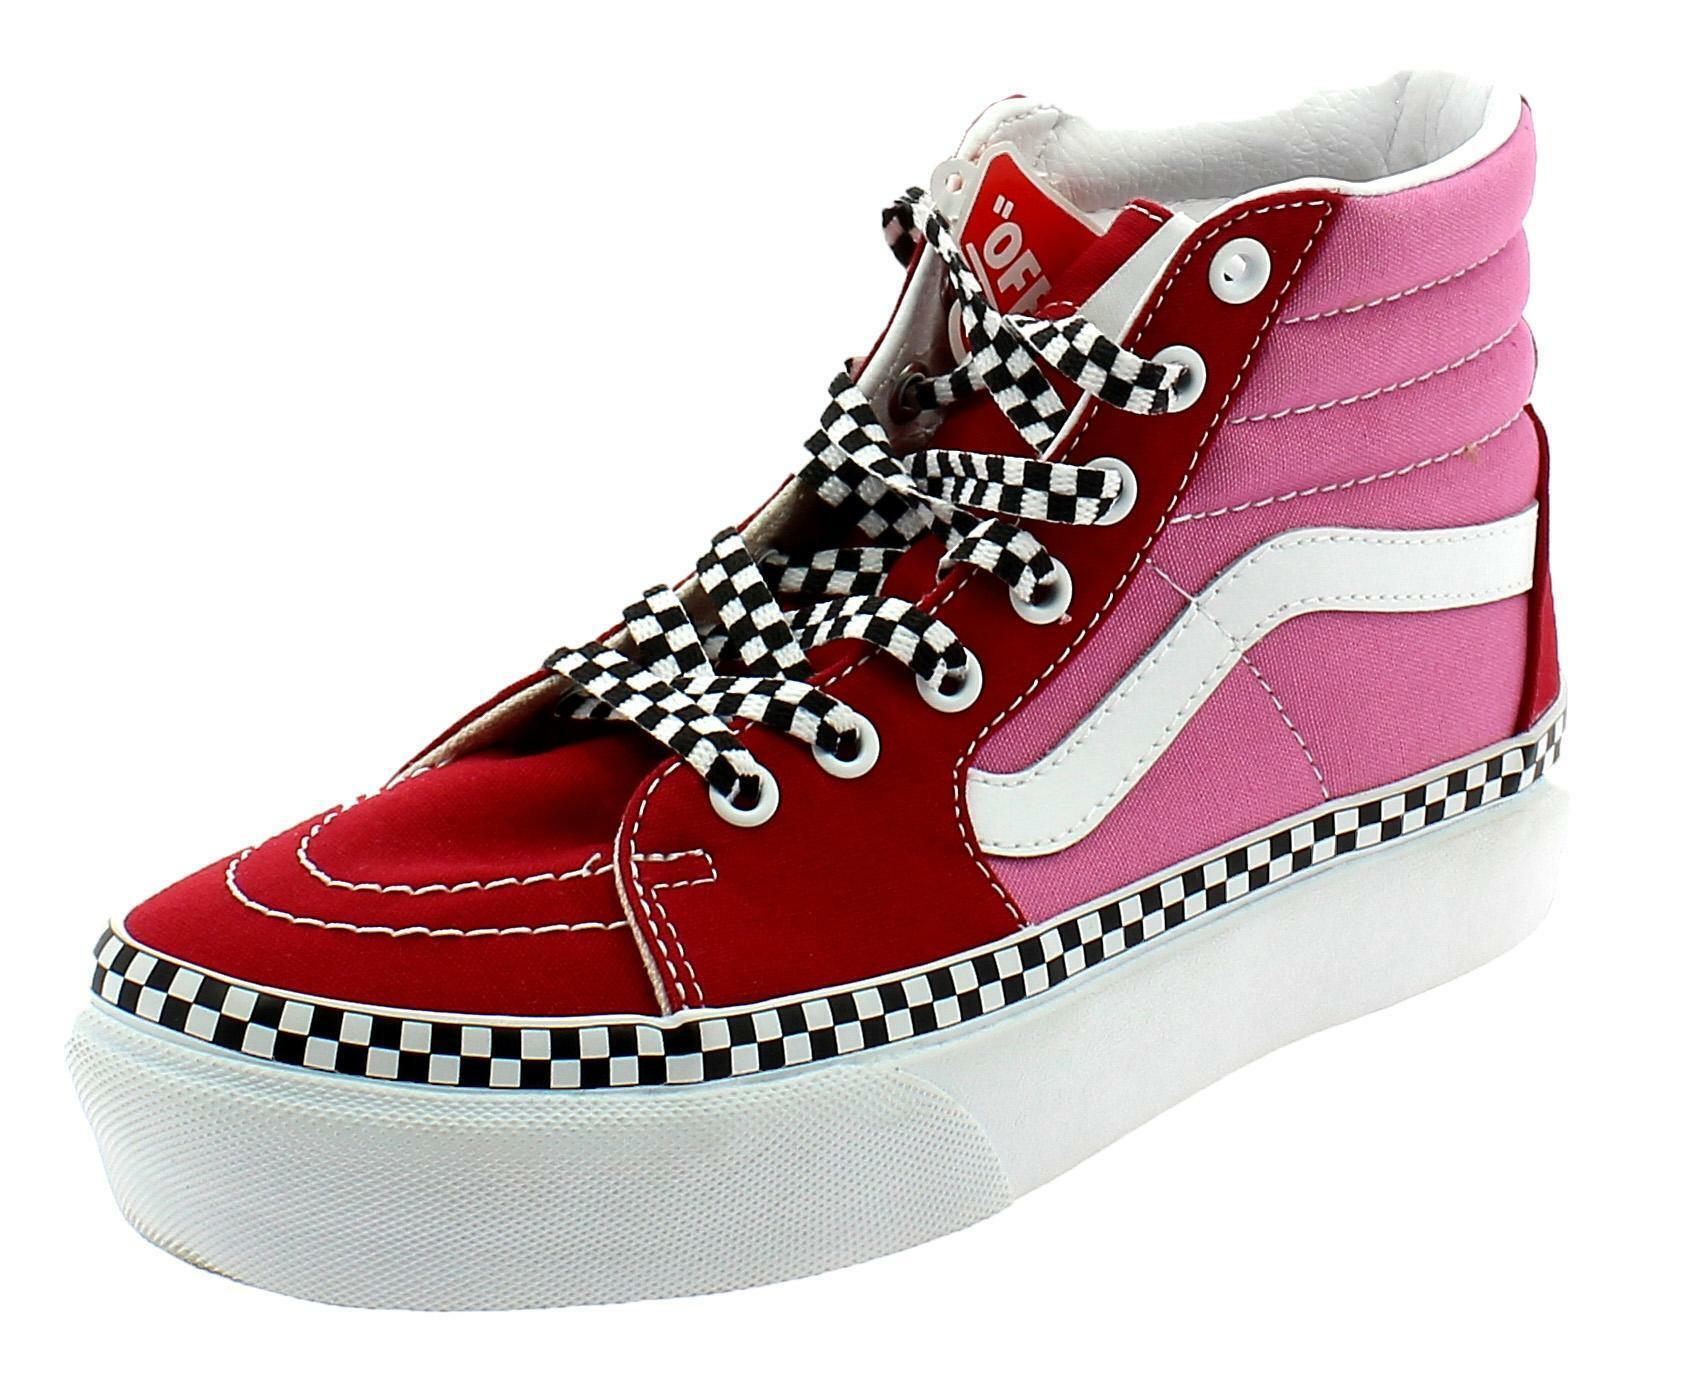 scarpe vans donna rosse